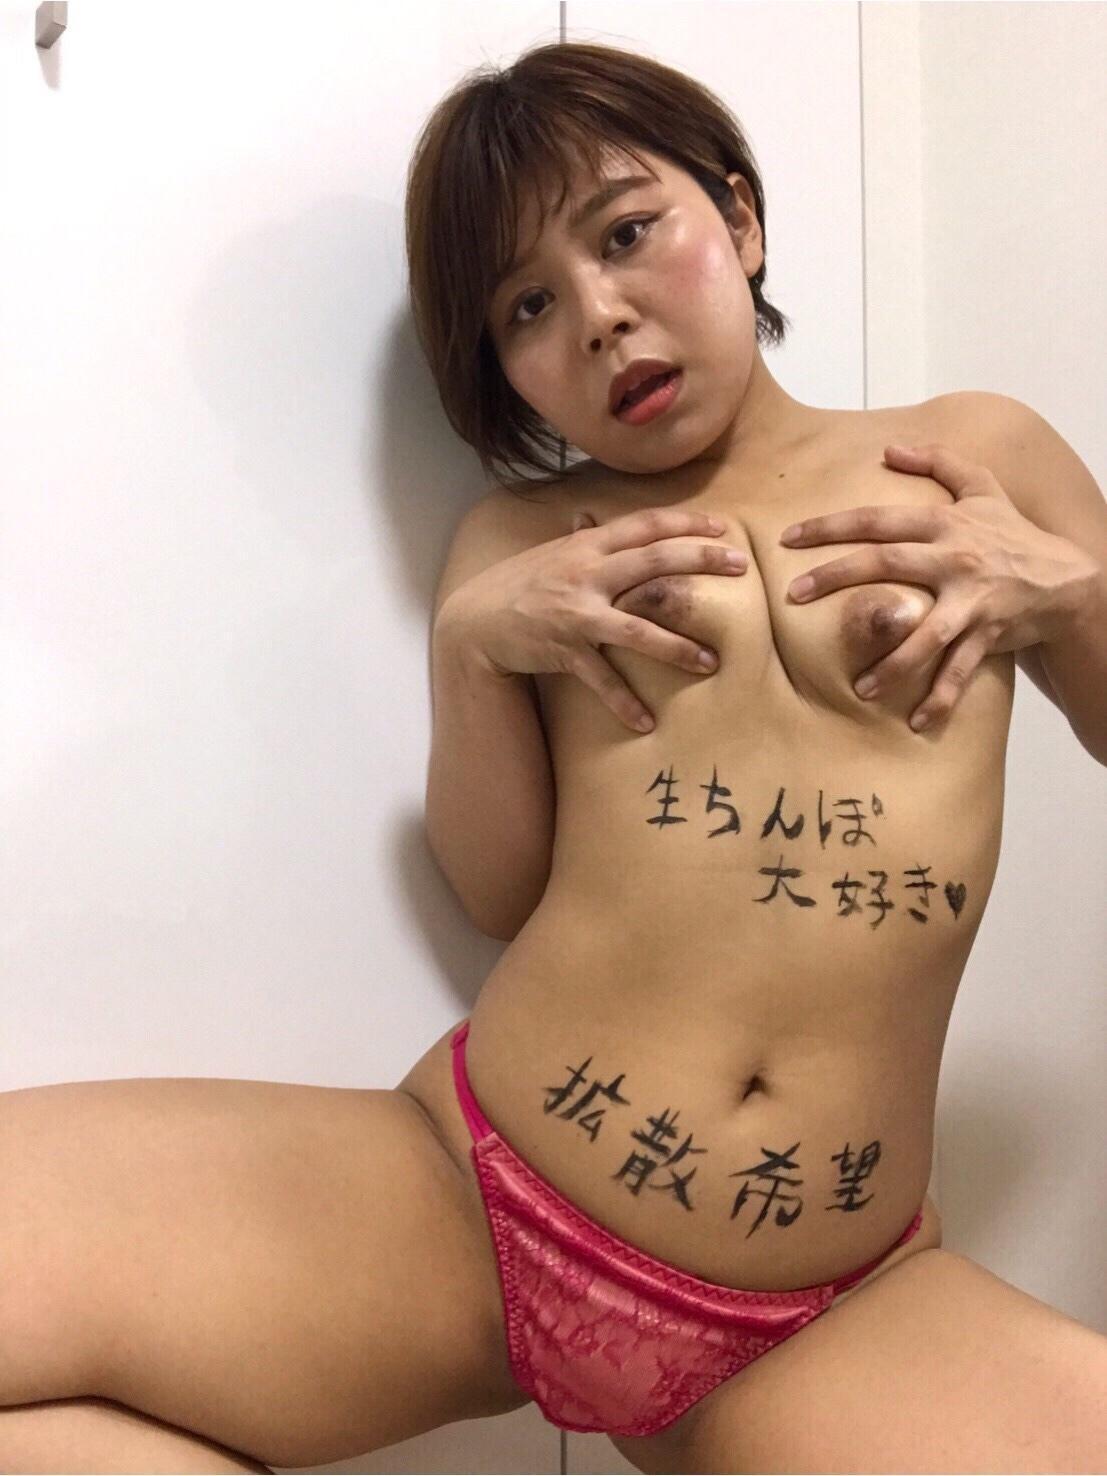 変態パイパン女性の自分撮りヌード画像 5